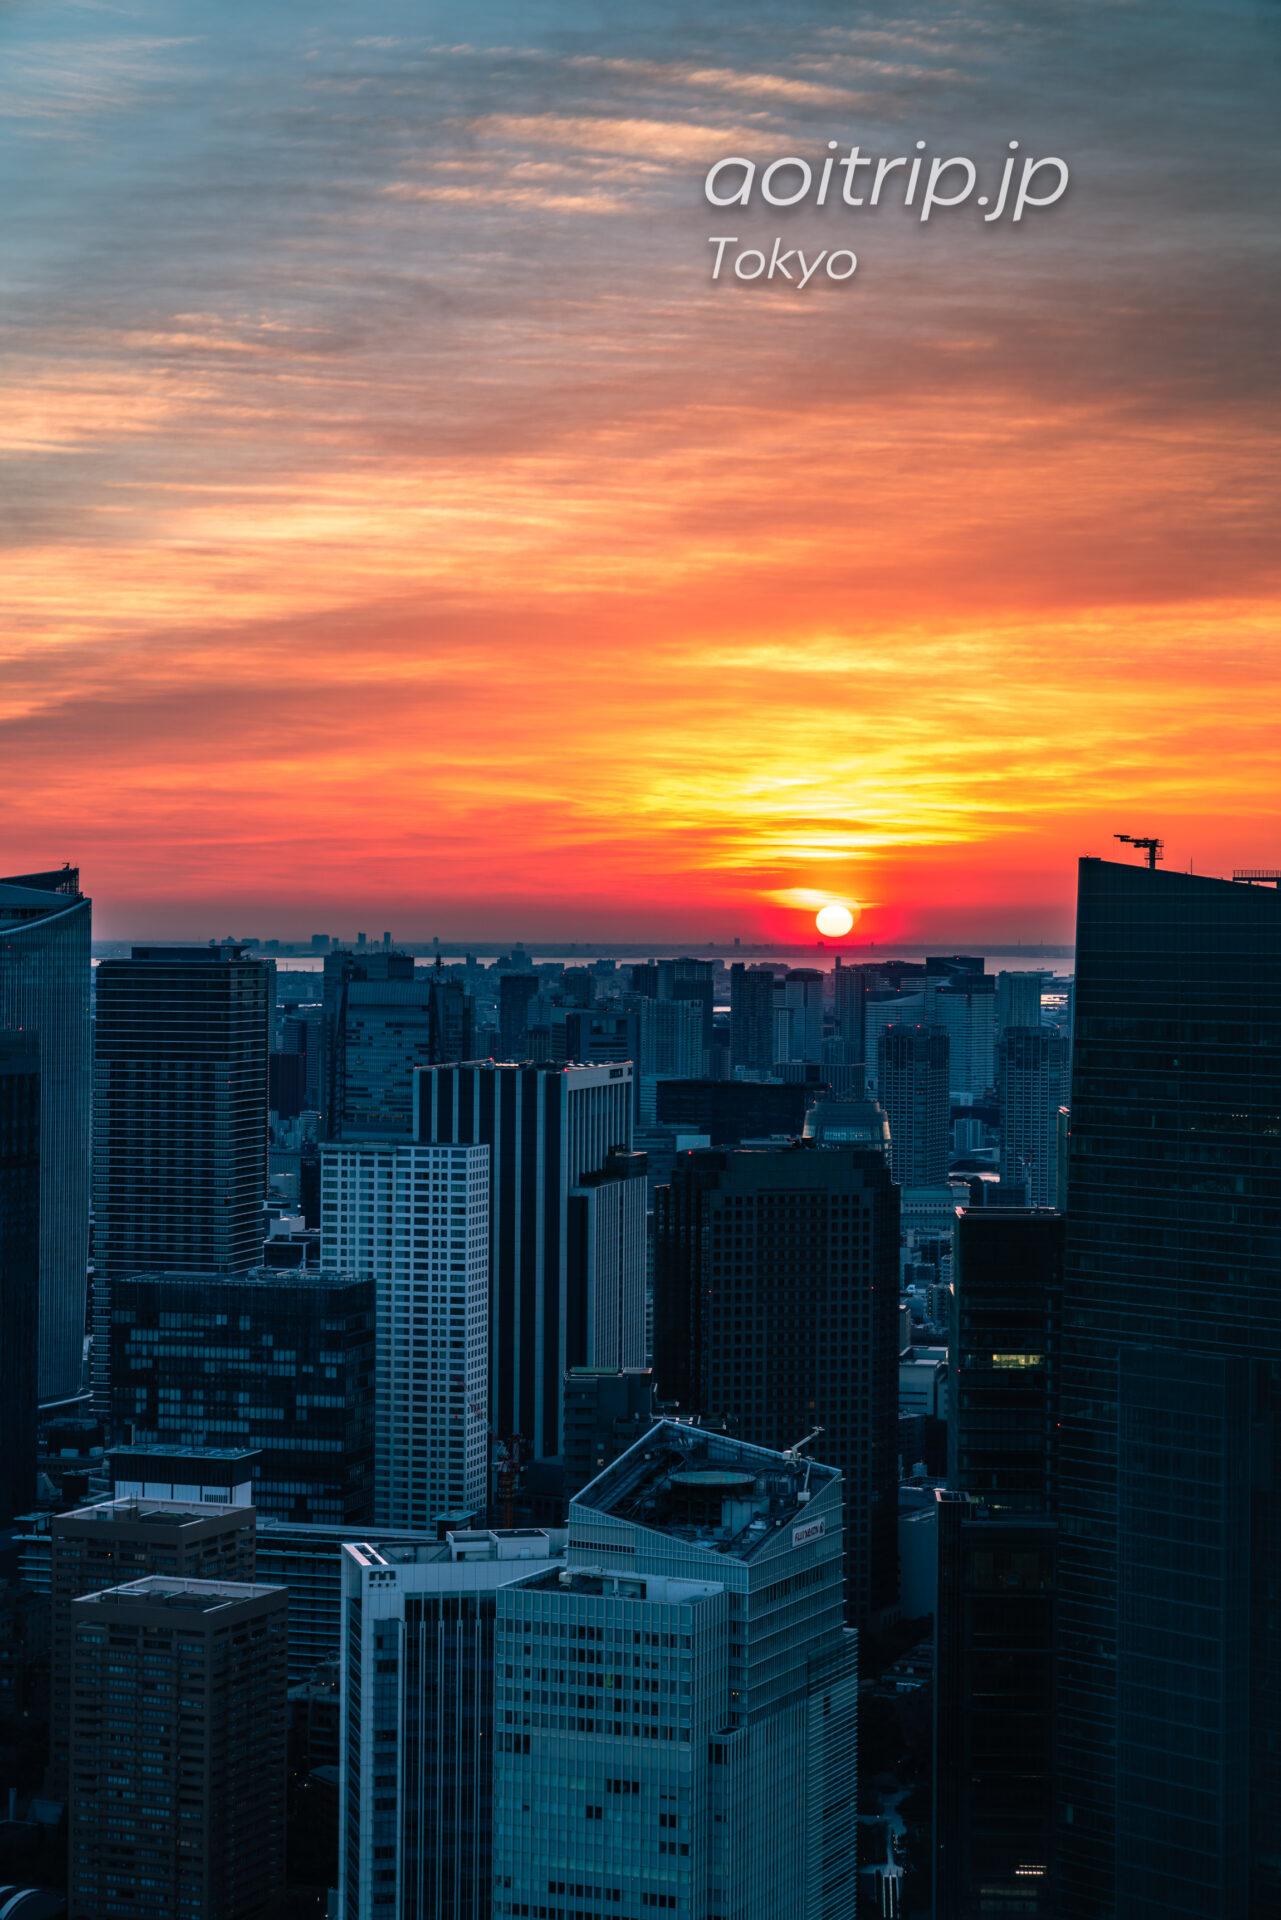 Tokyo Skyline ザ リッツカールトン東京から望む朝日